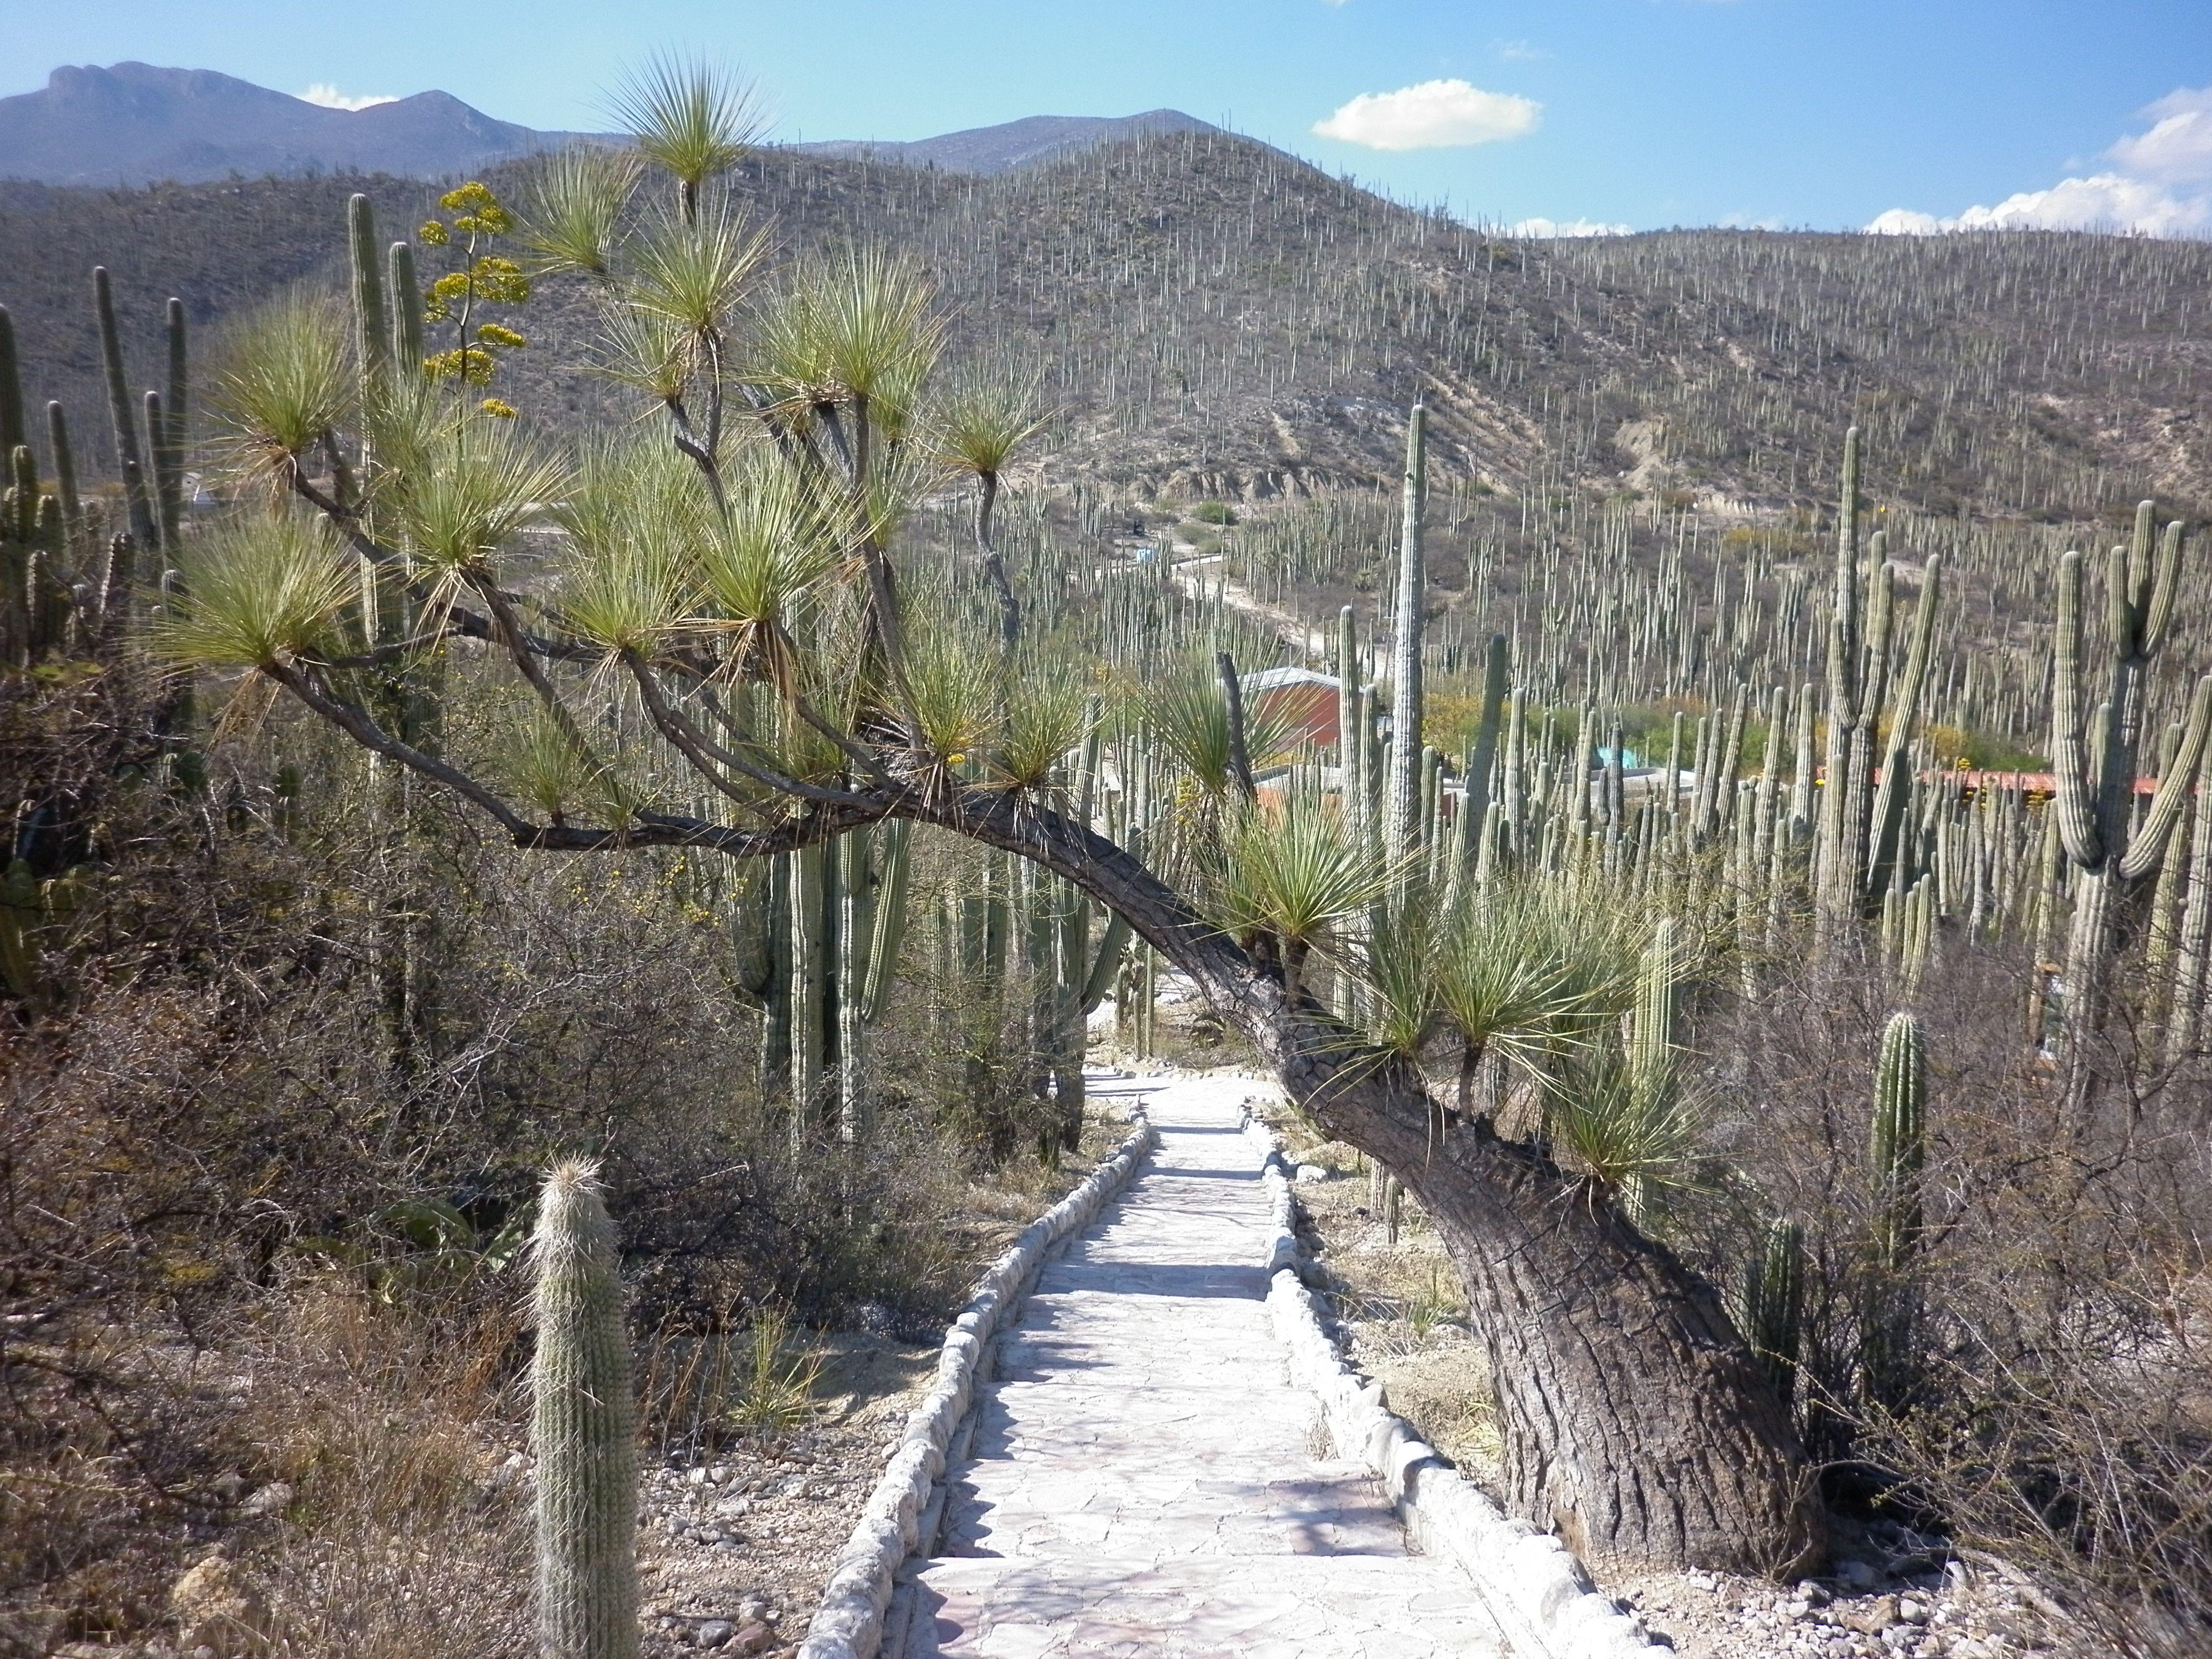 Jard n bot nico reserva de la biosfera zapotitl n salinas for Informacion sobre el jardin botanico